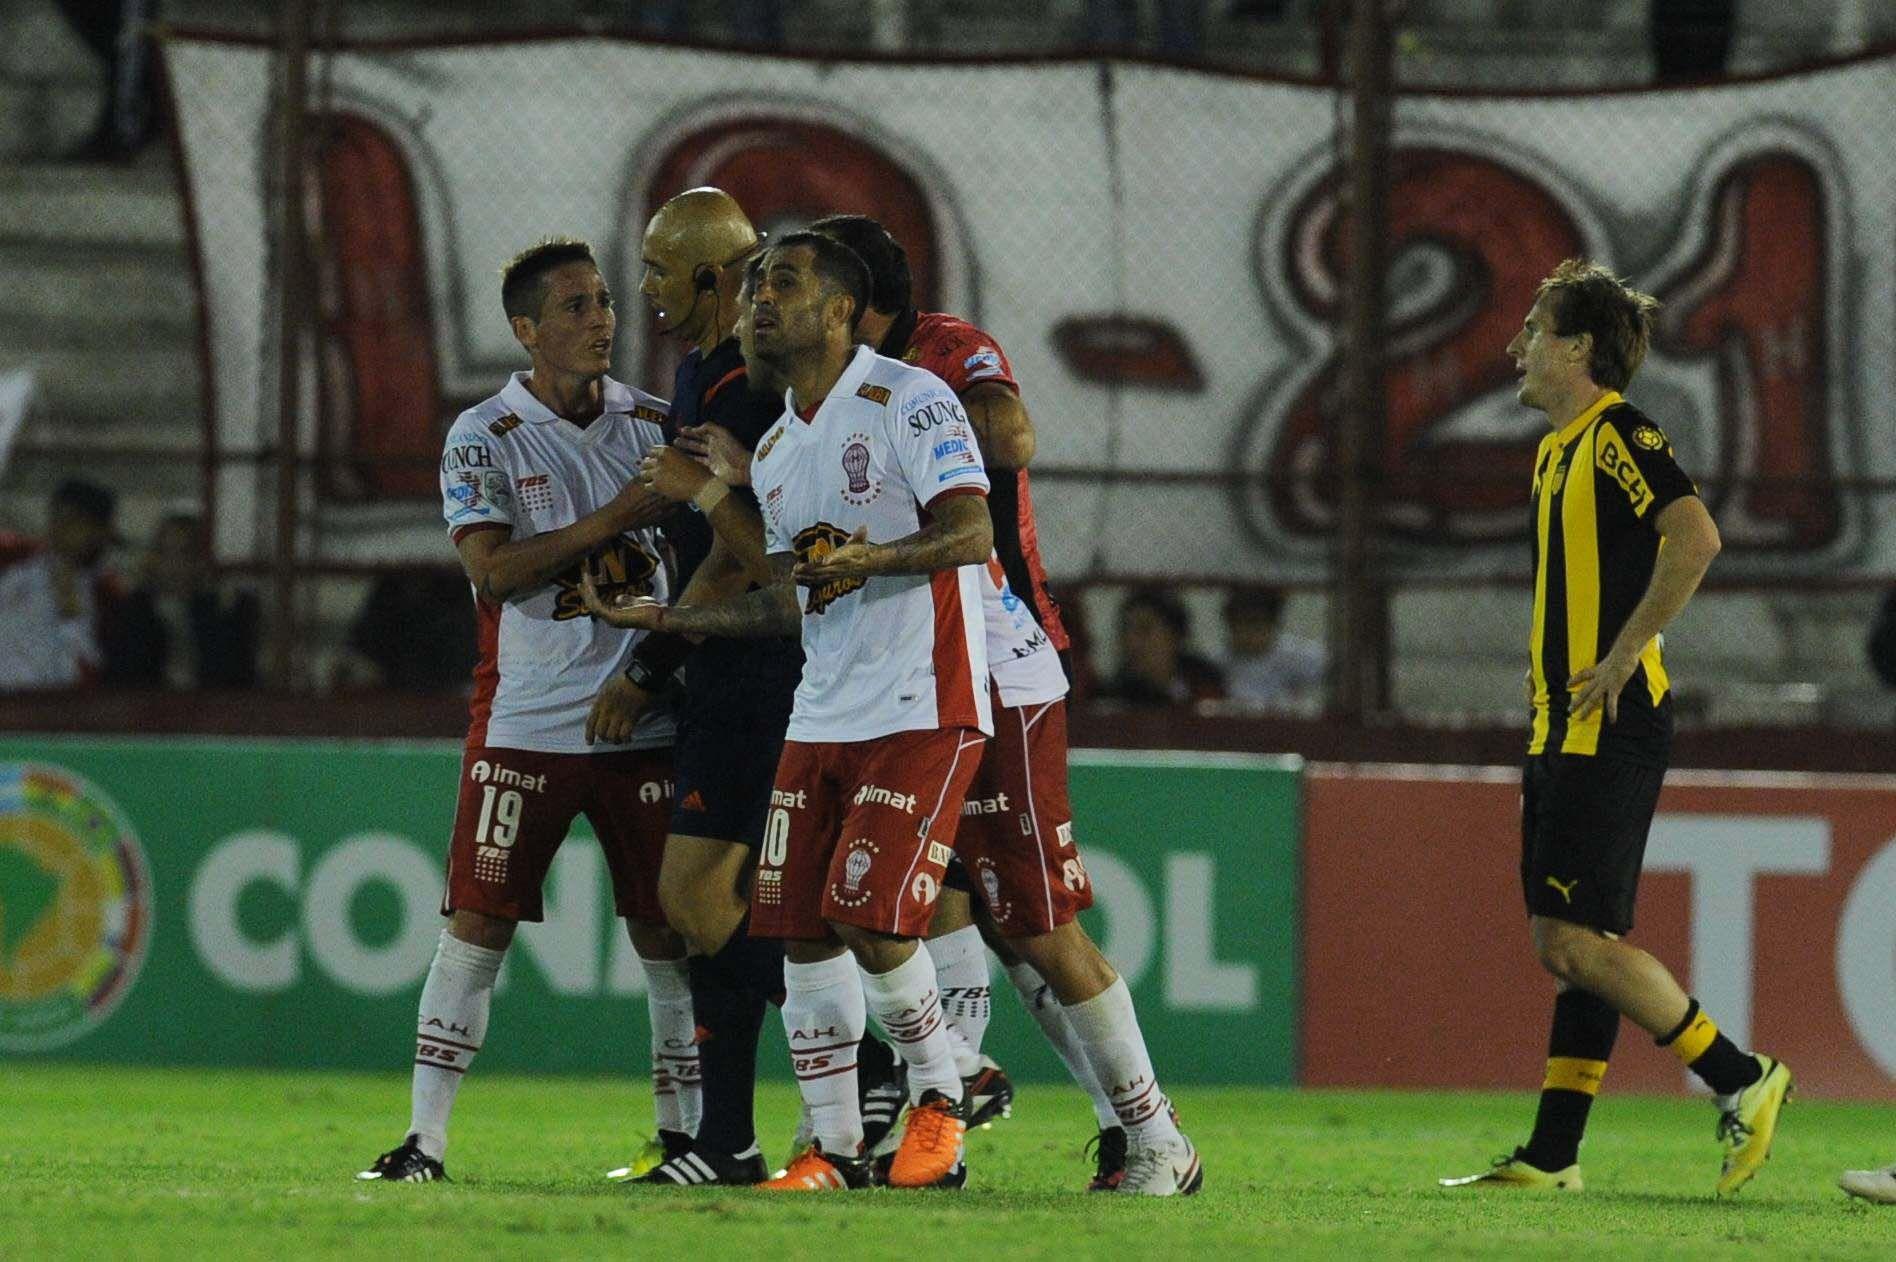 Los goles anulados que desataron el escándalo en el final en Parque Patricios